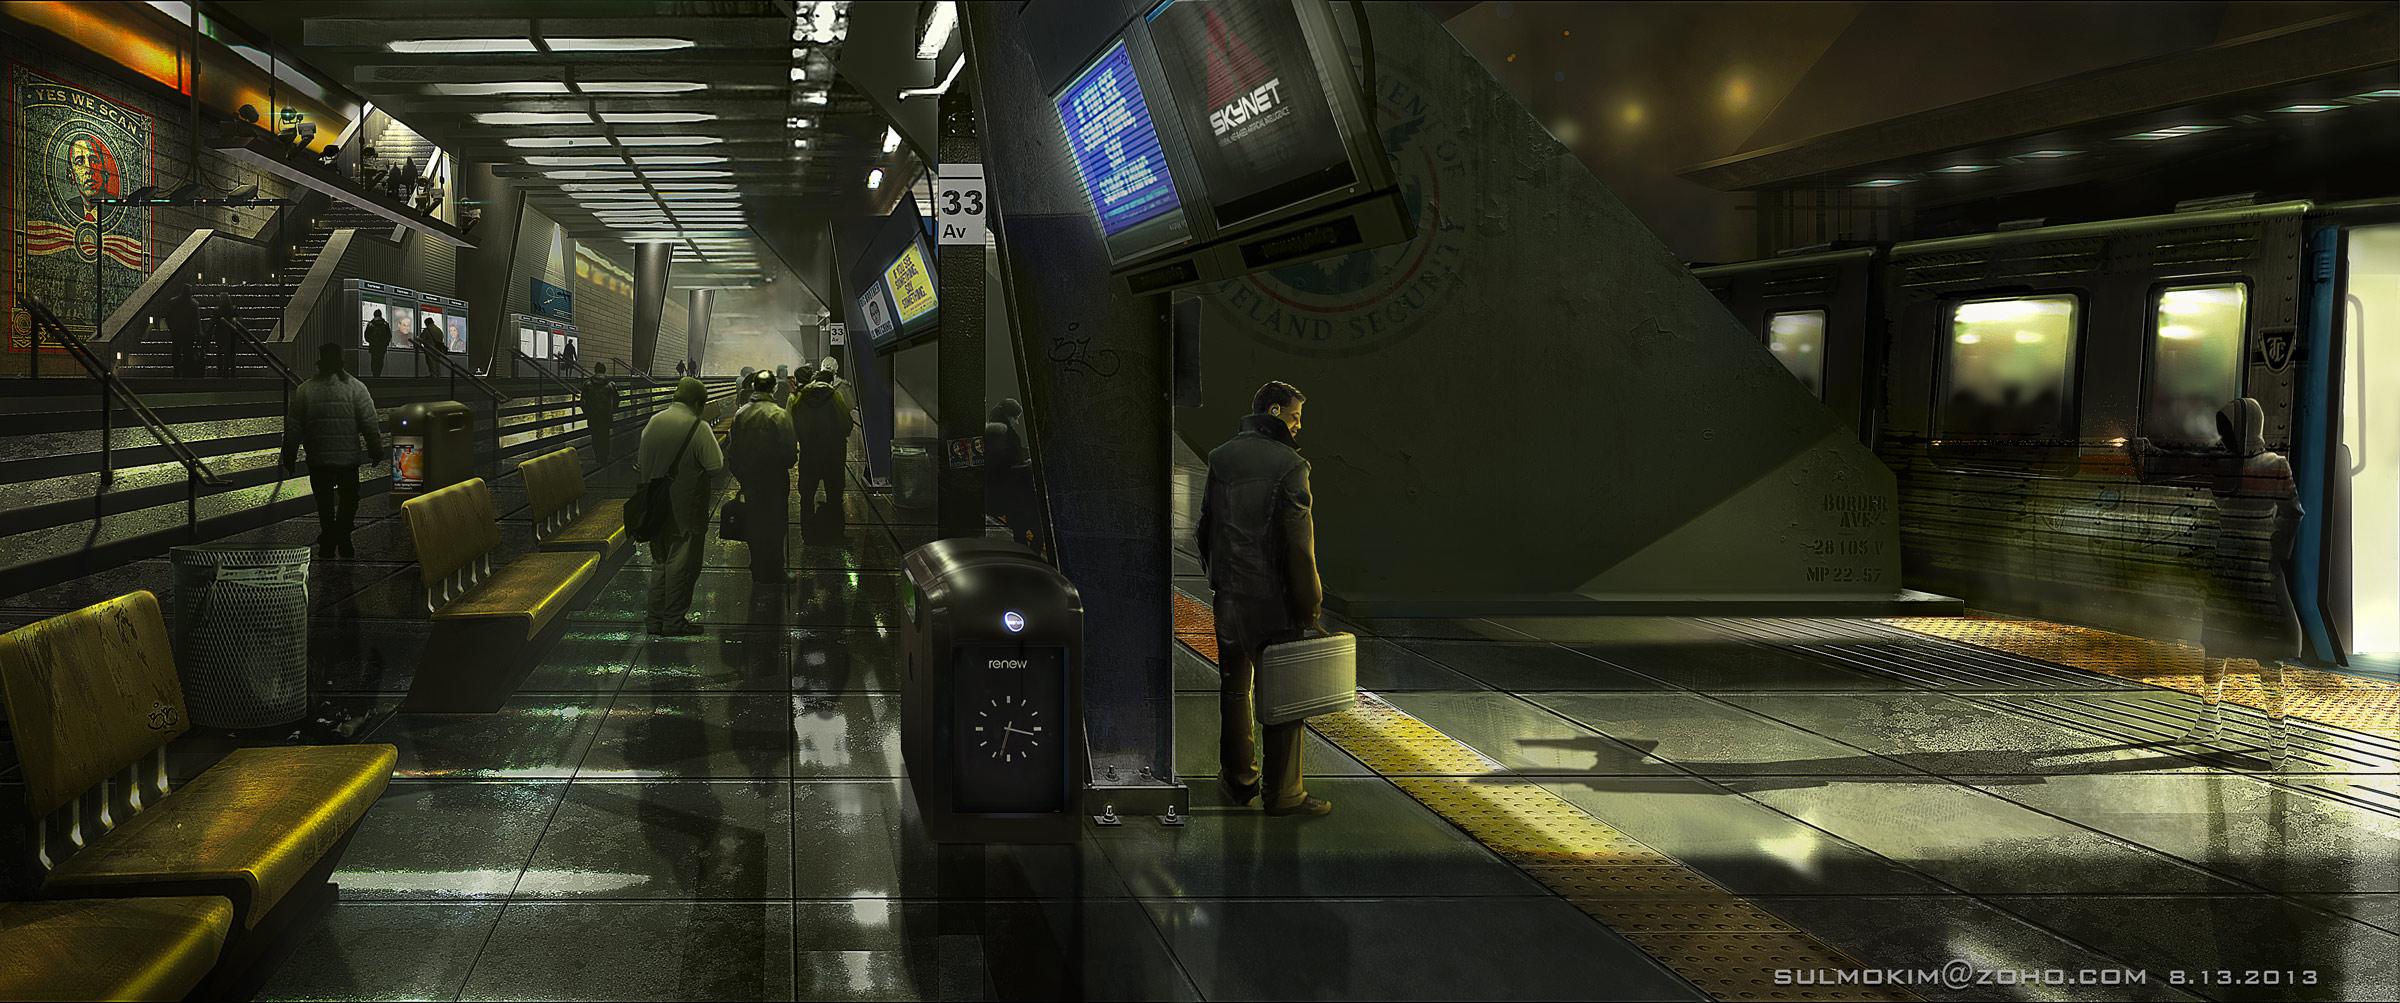 station-v15-FINAL-web2400-signed1.jpg